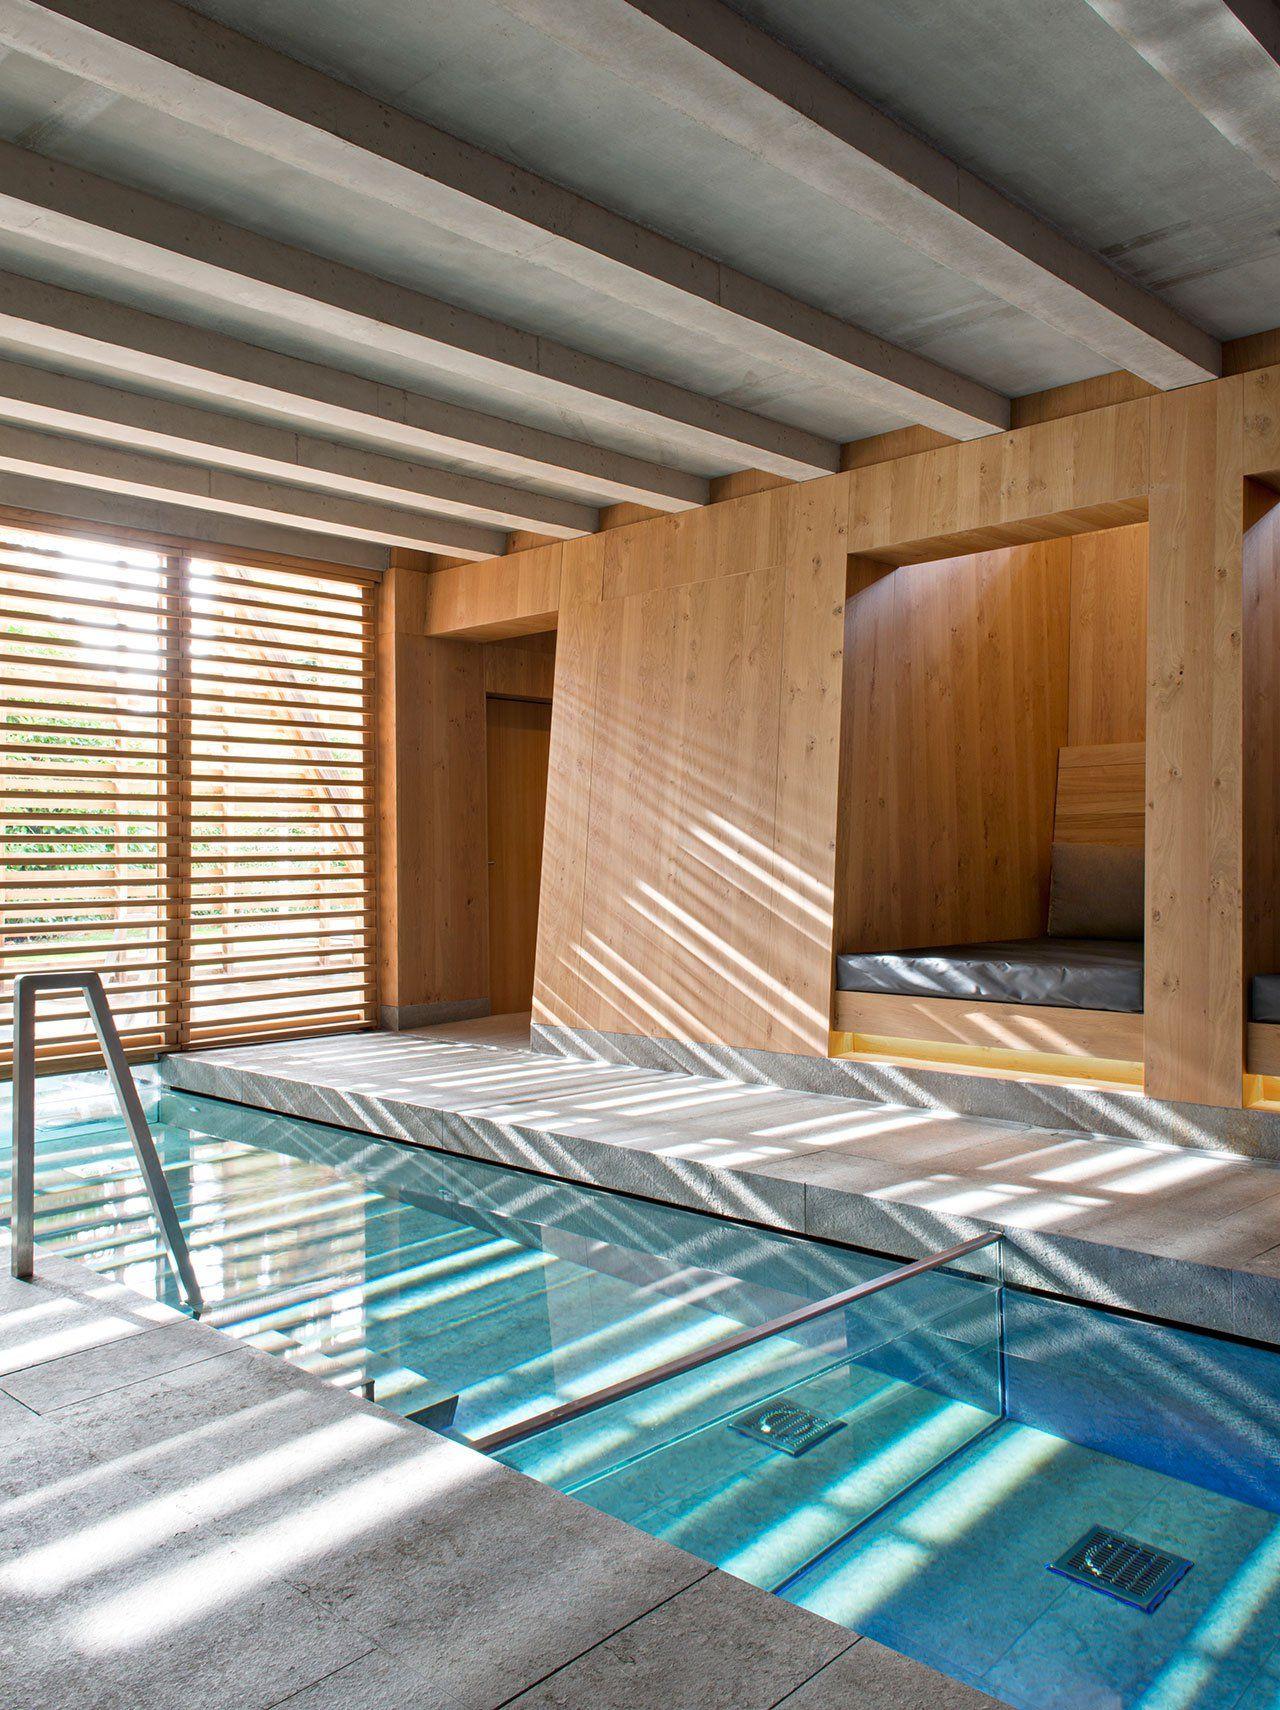 at home in alsace: hôtel des berges' spa des saules designed